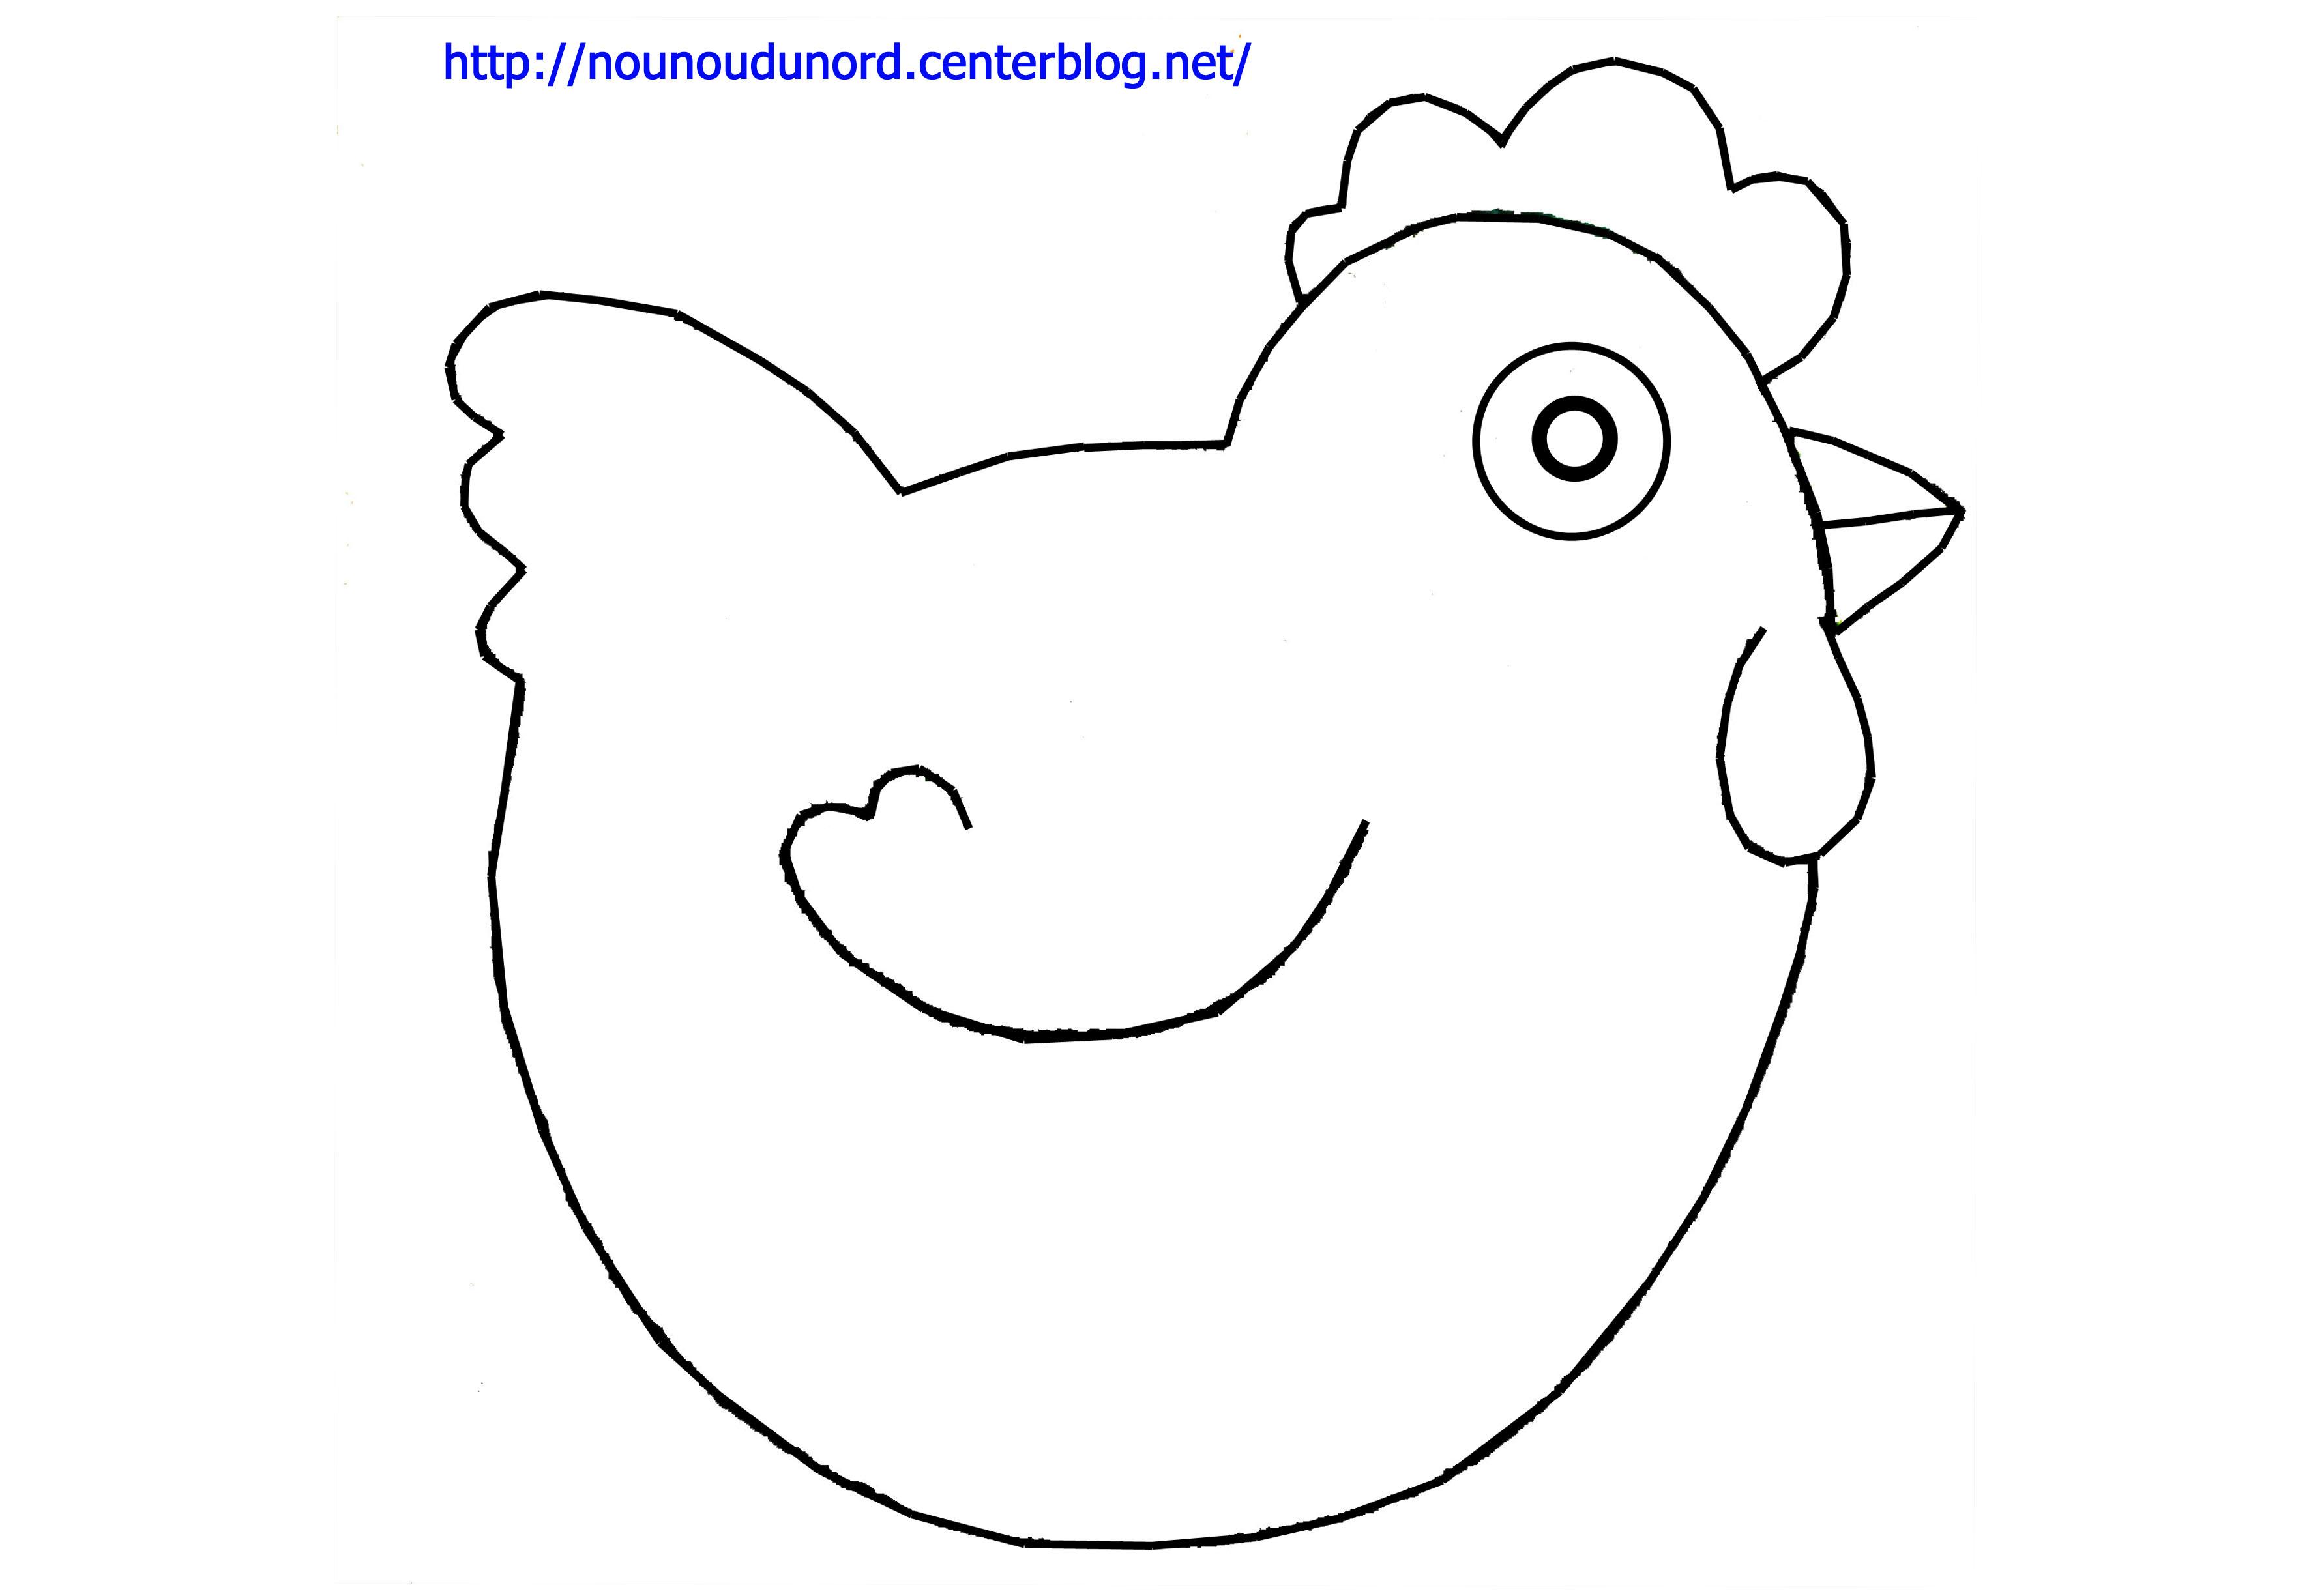 Dessins Gratuits À Colorier - Coloriage Poule À Imprimer destiné Coloriage Poule De Pâques À Imprimer Gratuit